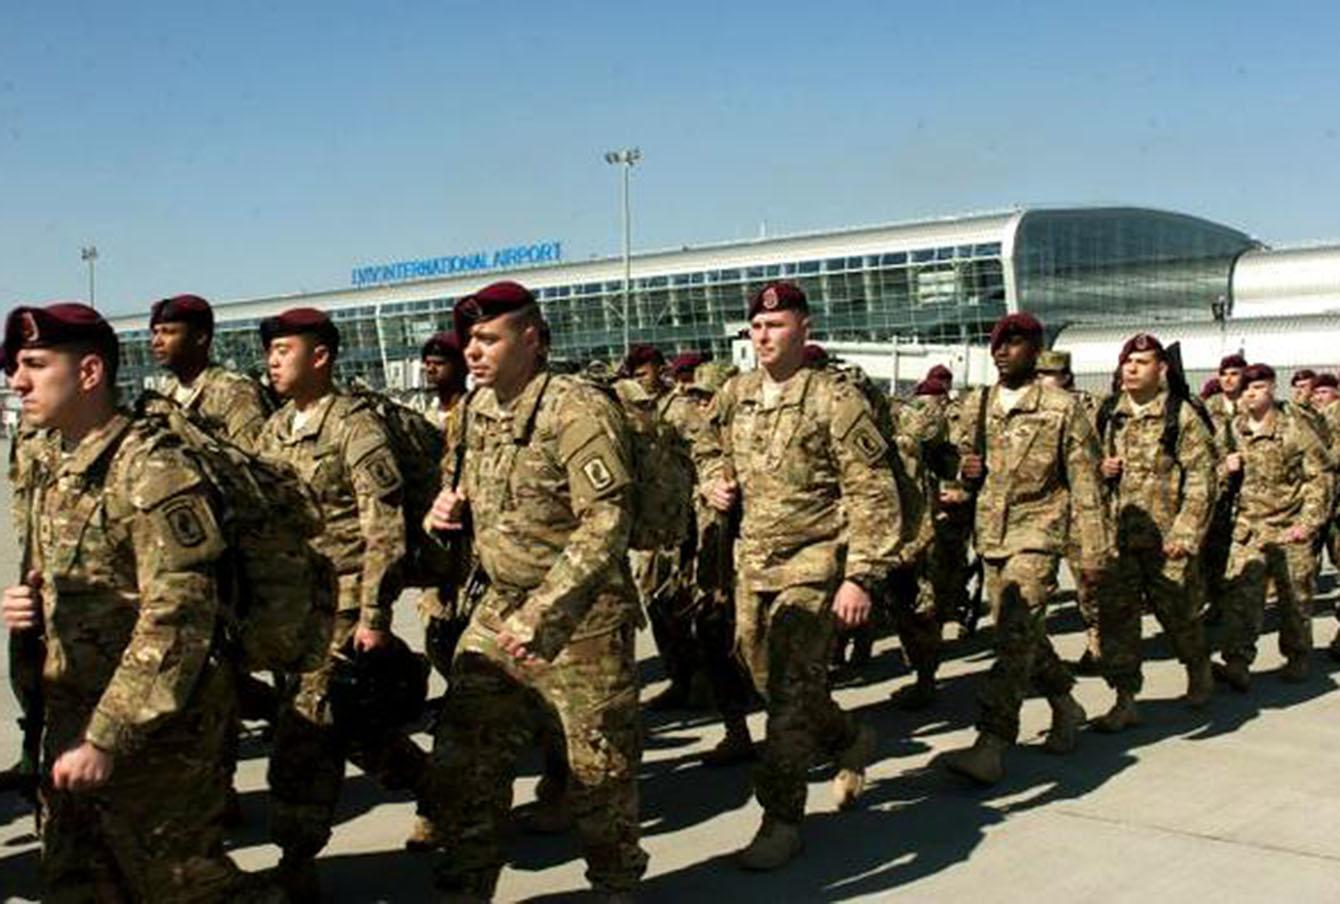 Русские побаиваются военных США, которые высадились в Украине, ведь это не просто военные